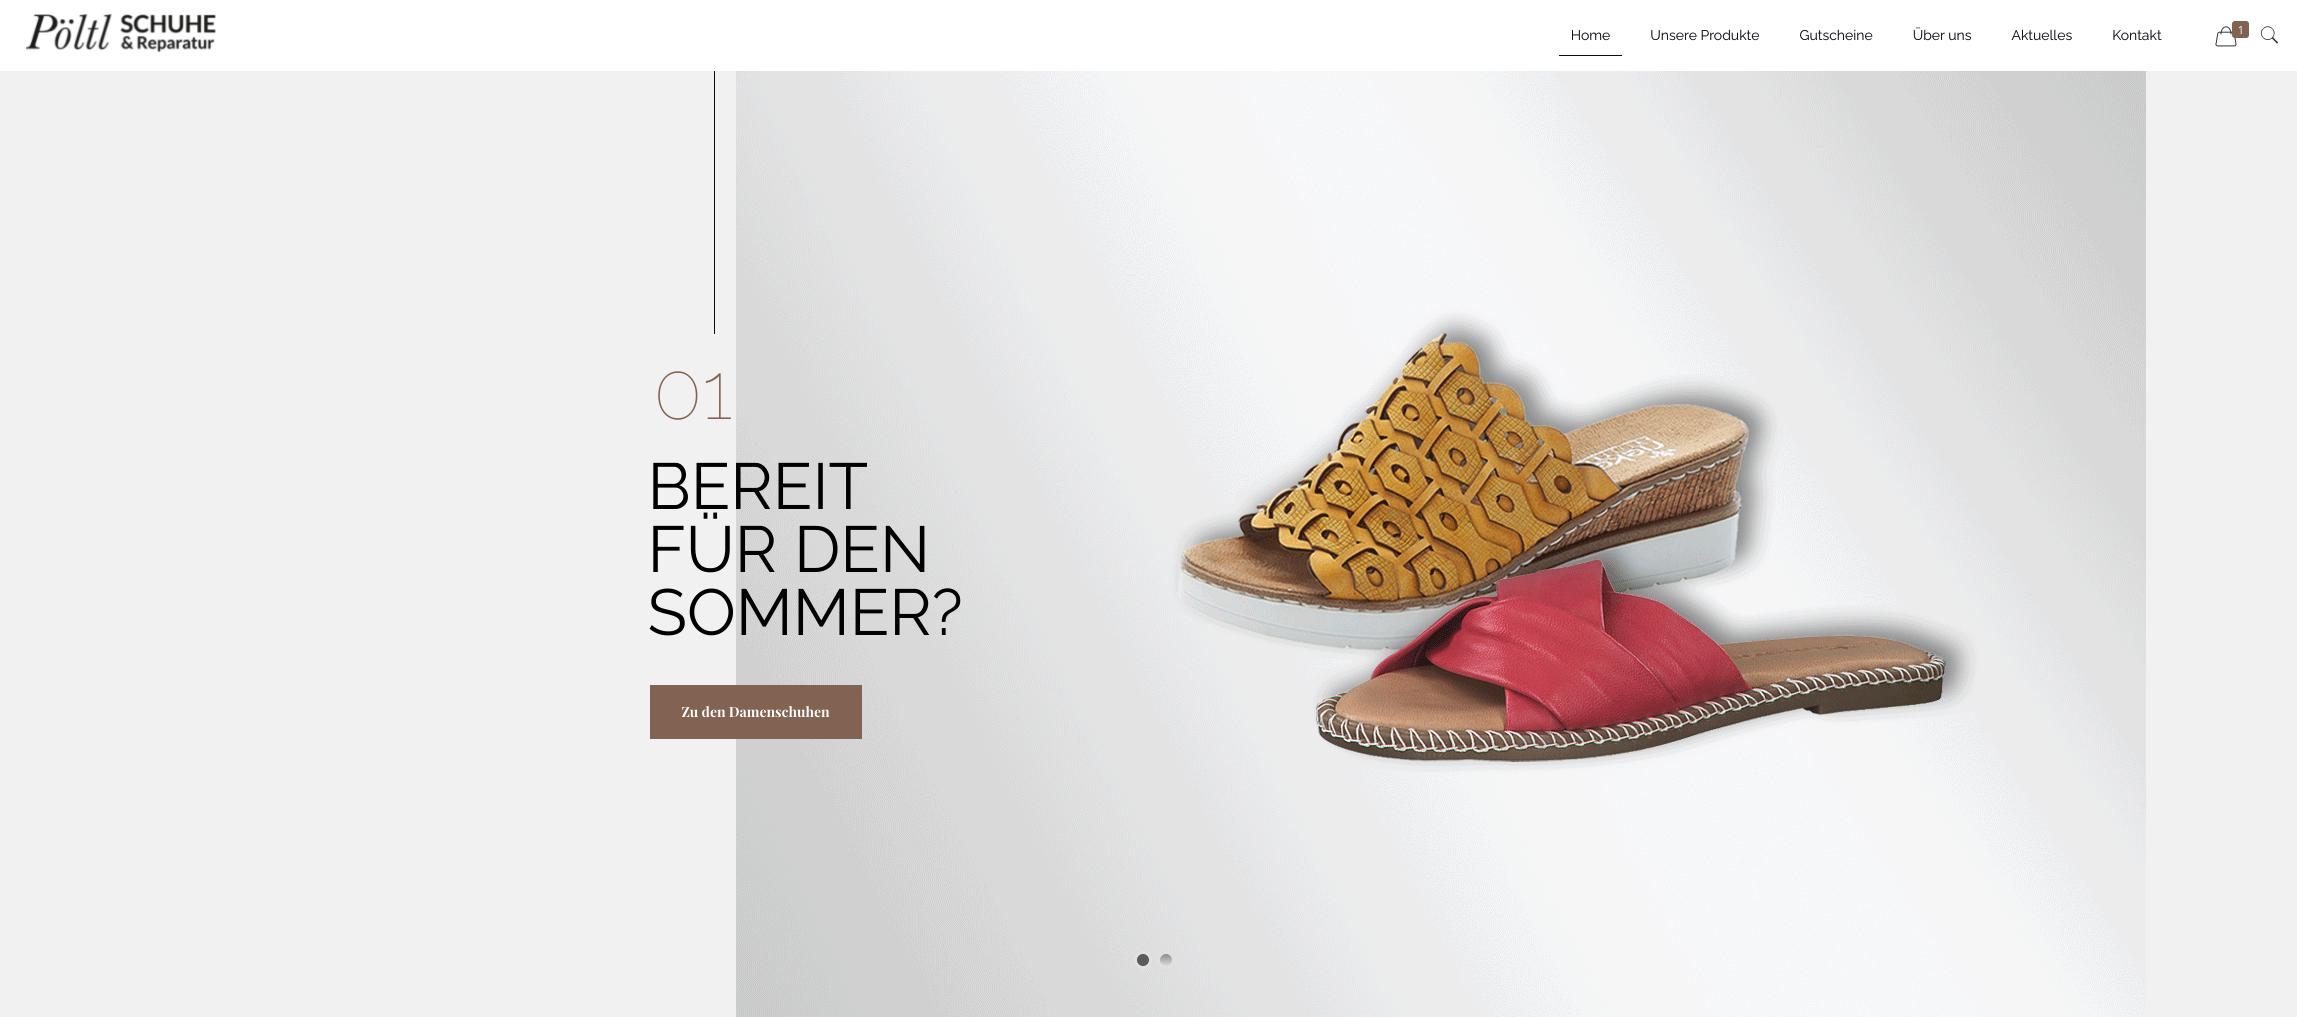 """Schuhhaus Pöltl Onlineshop Banner """"Sportlich in den Frühling"""" mit Sandalen aus der Frühjahrskollektion."""